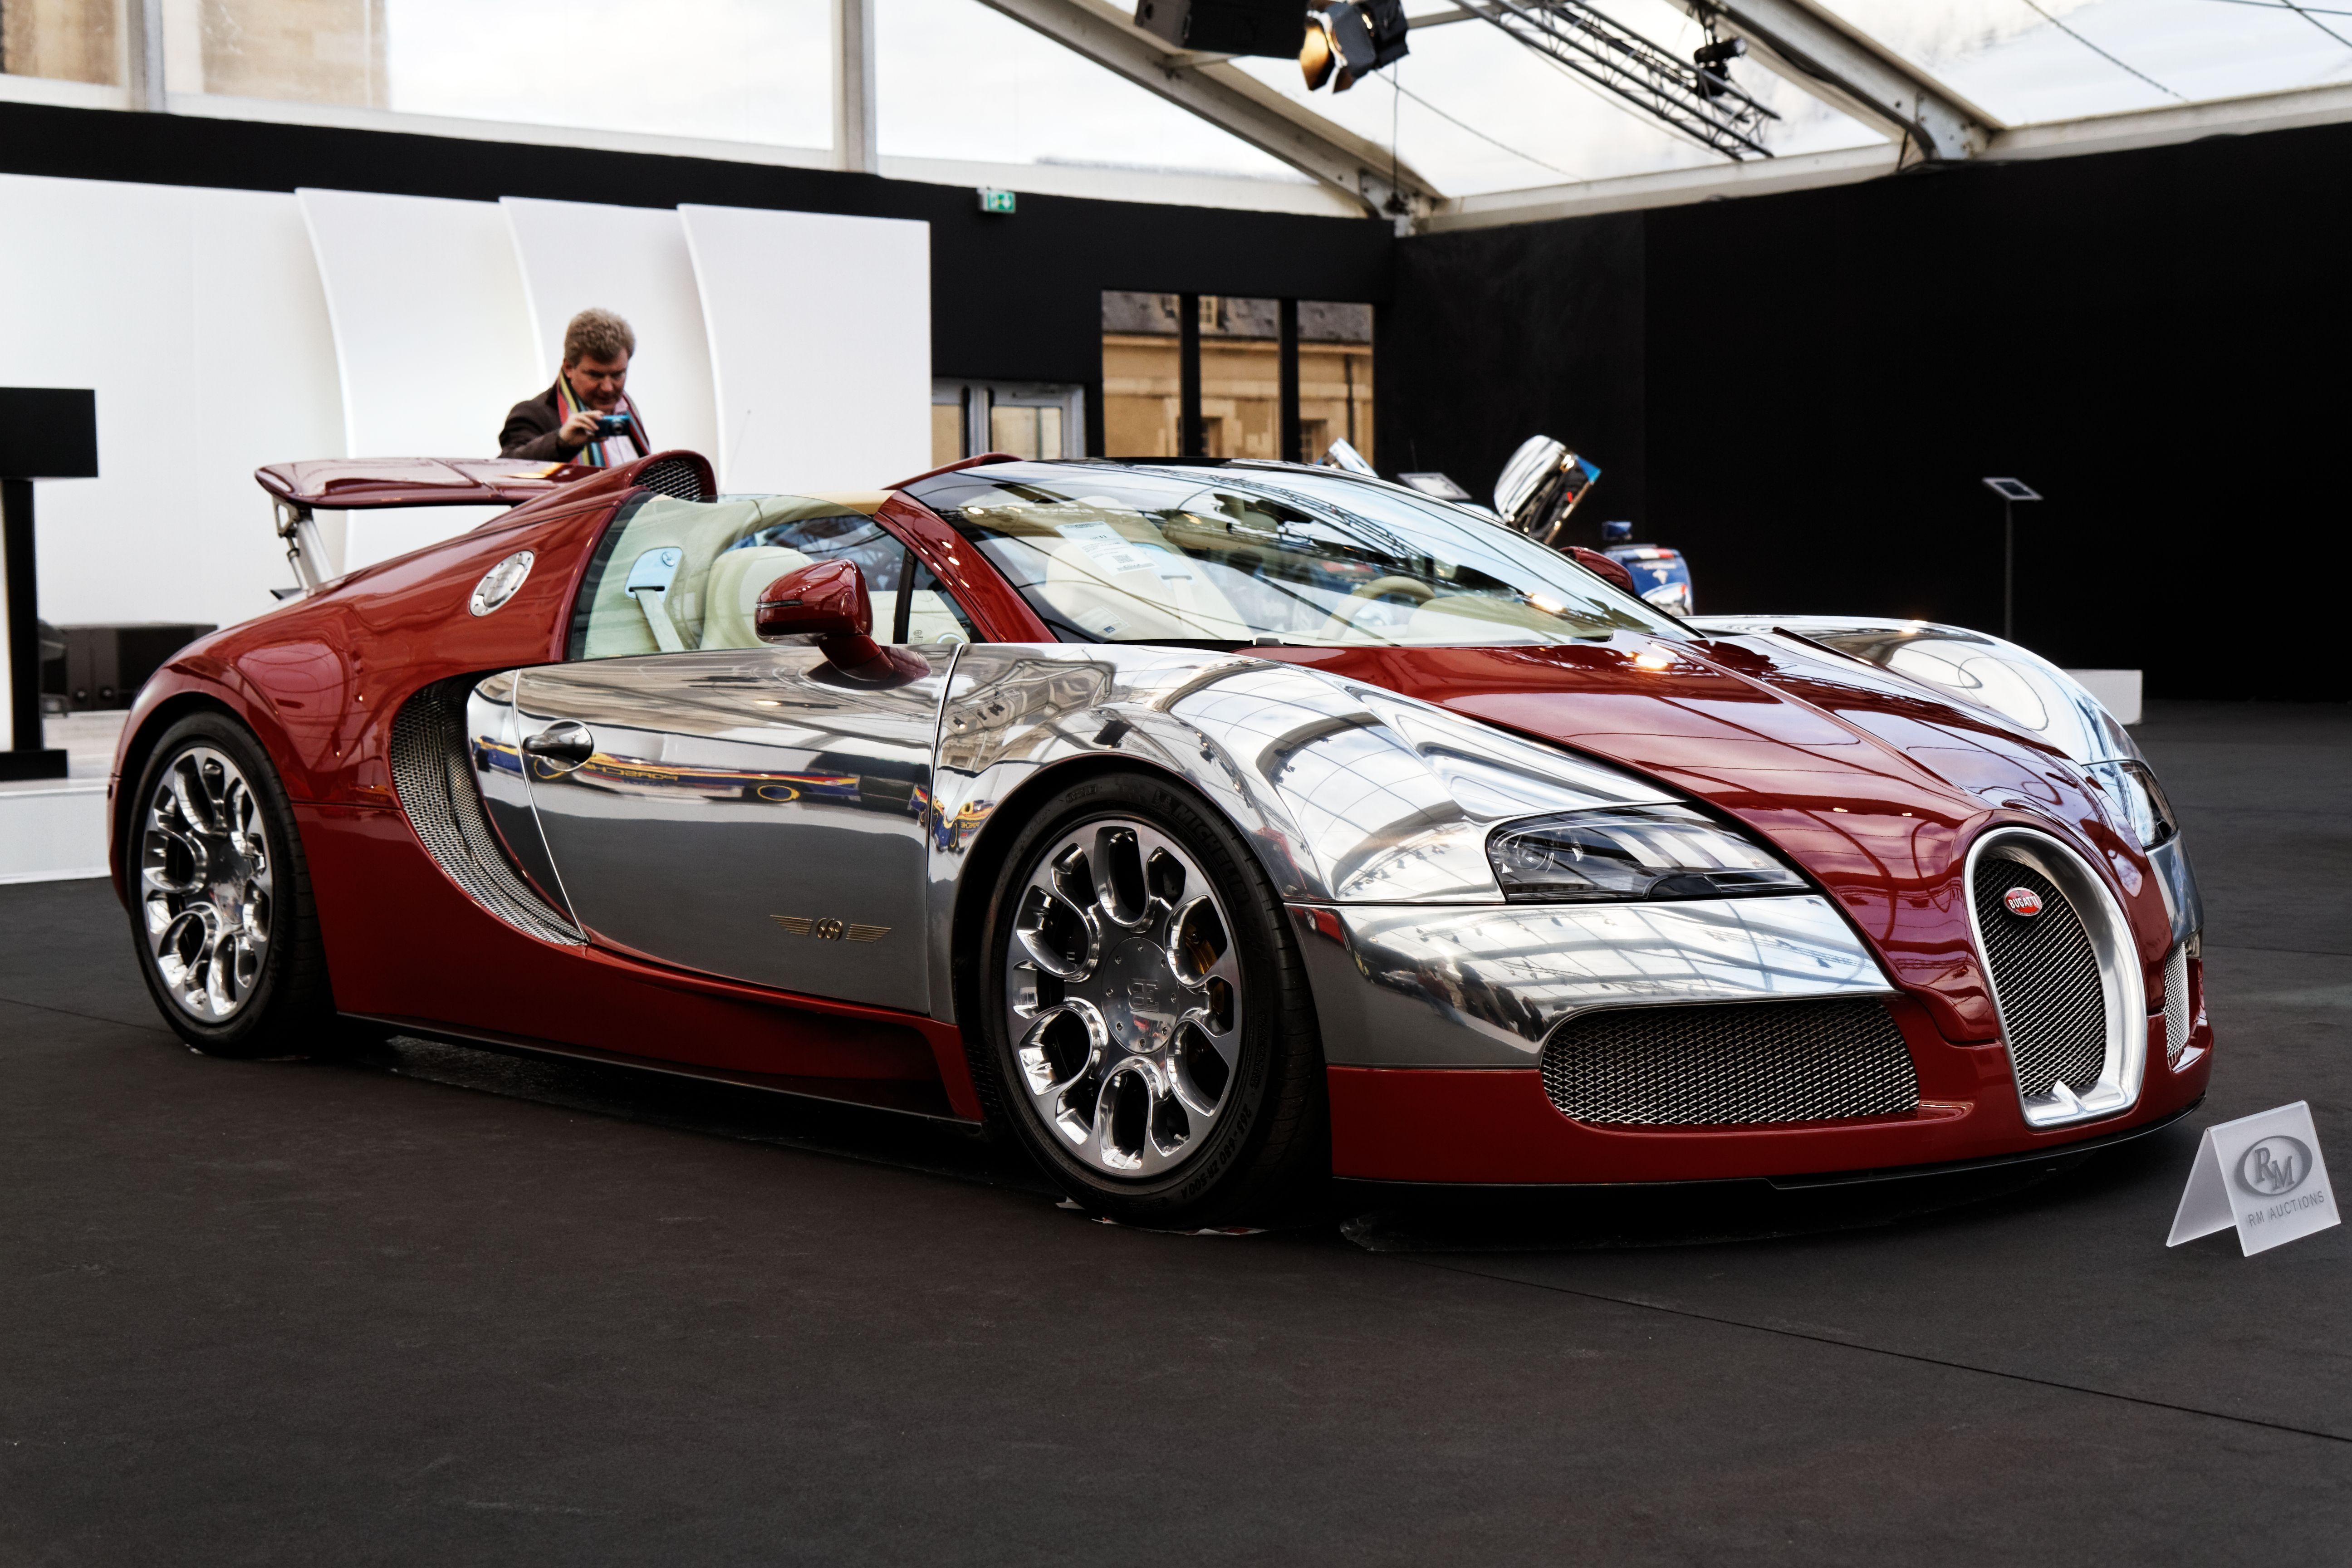 71f06cf500f38ca45ad50982e87b5fb7 Extraordinary N°5 Bugatti Veyron Grand Sport Vitesse Cars Trend